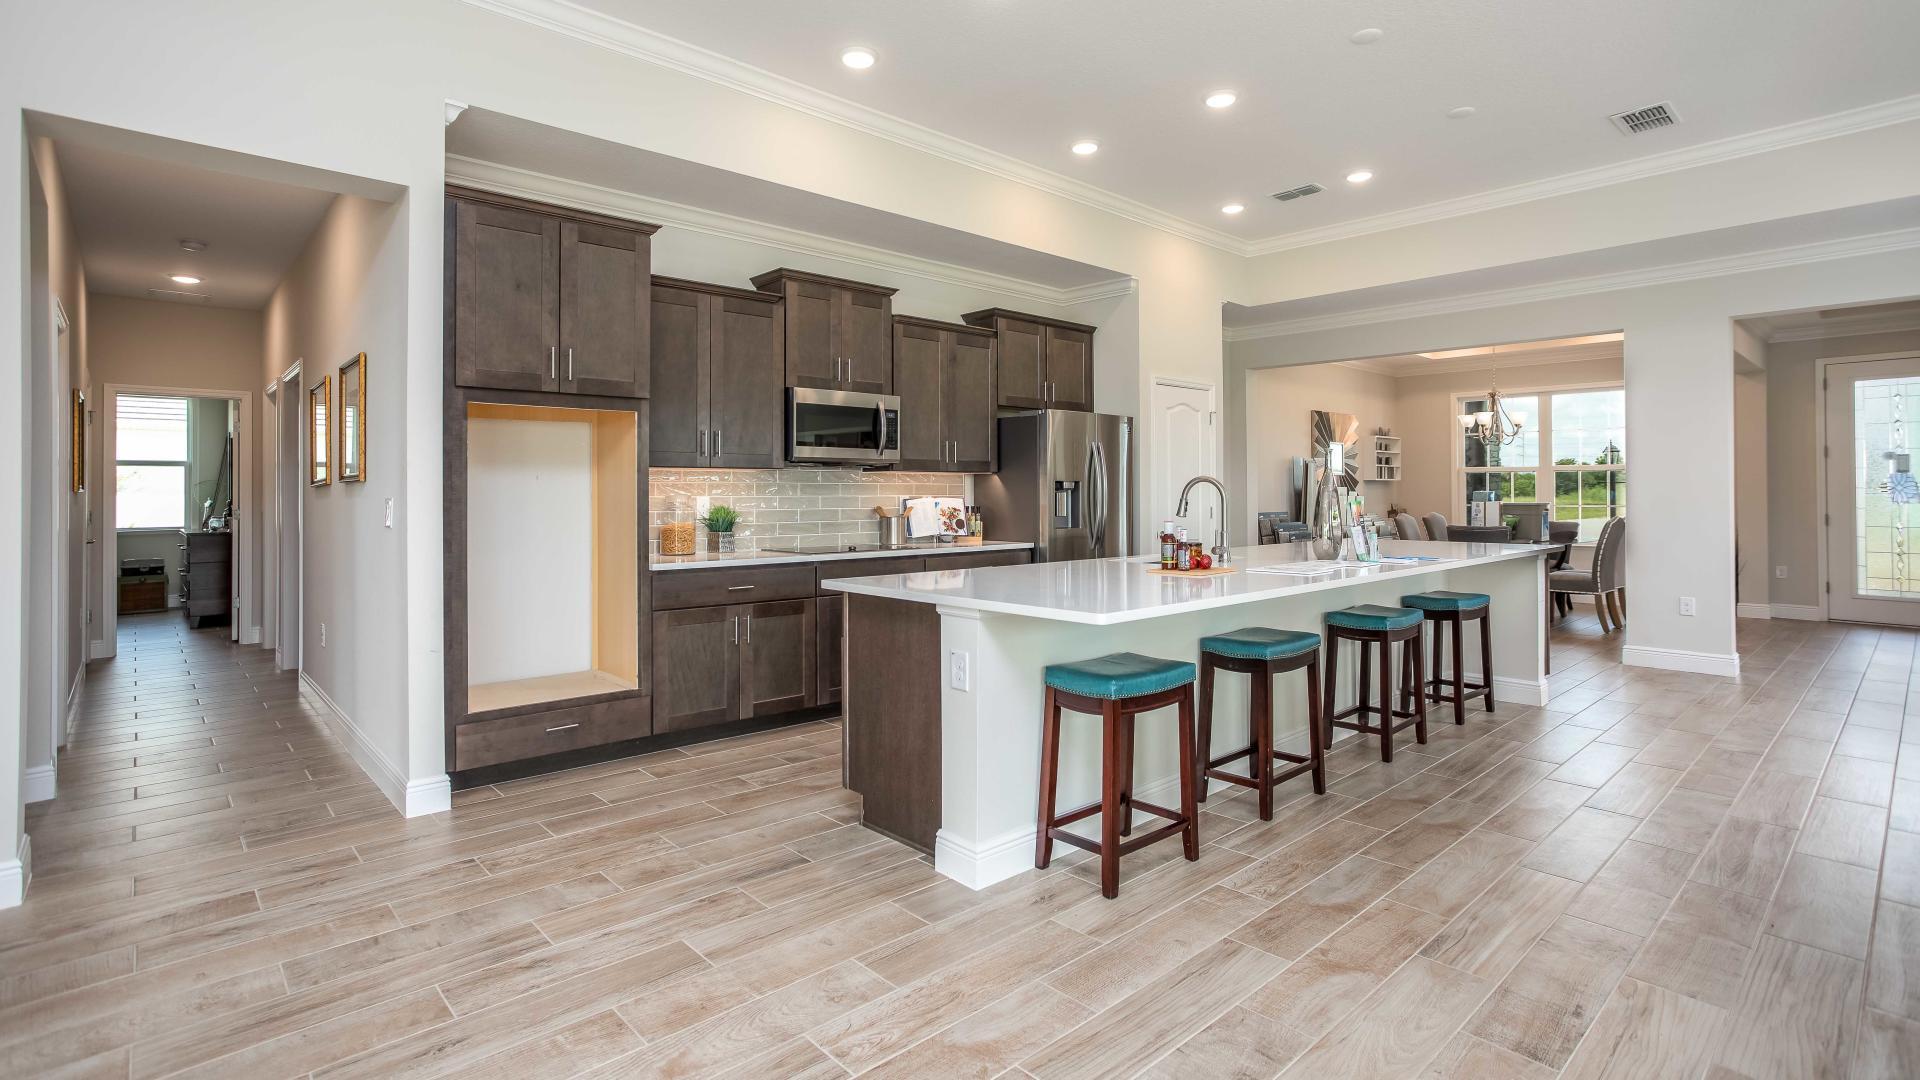 Kitchen featured in the Sienna By Maronda Homes in Daytona Beach, FL